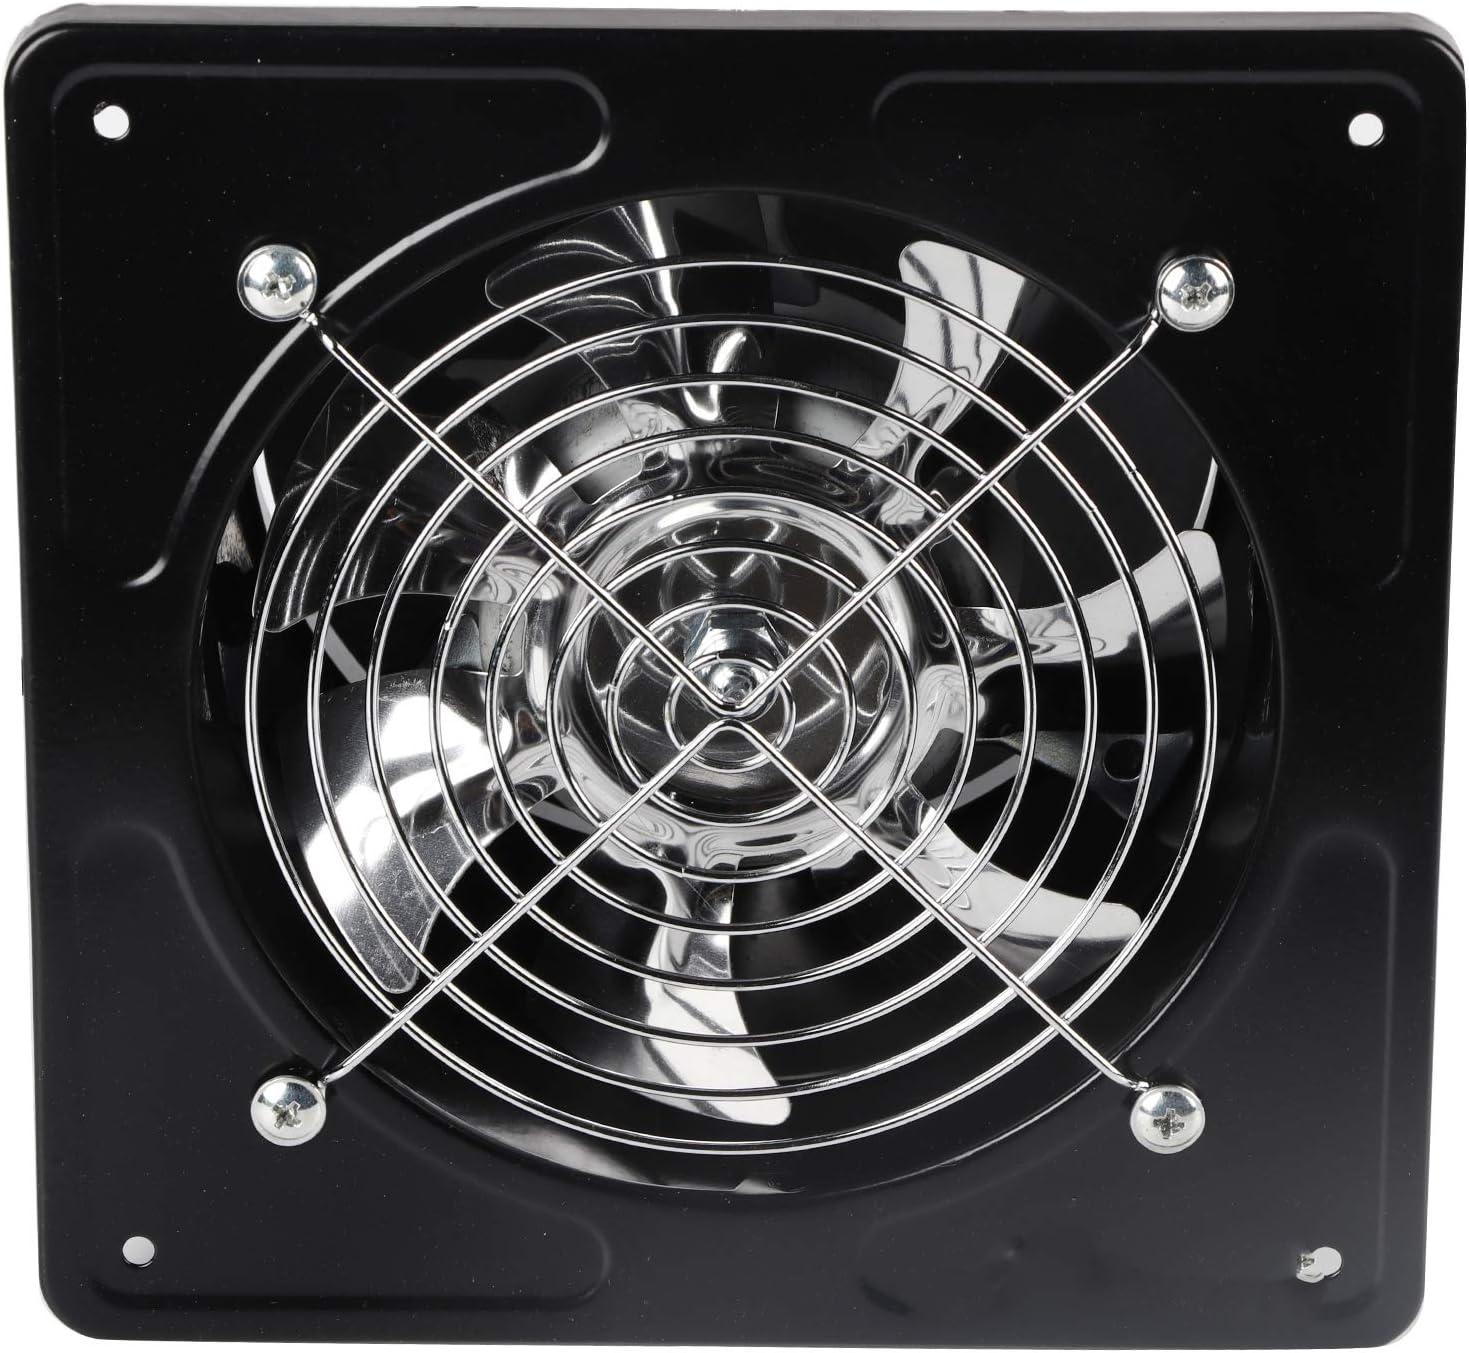 Ventilador de escape montado en la pared de 190 mm 40 W 220 V, baño, cocina, extractor de humos de aceite doméstico, tipo de ventana, humo de escape fuerte, extractor de aire industrial(Negro)